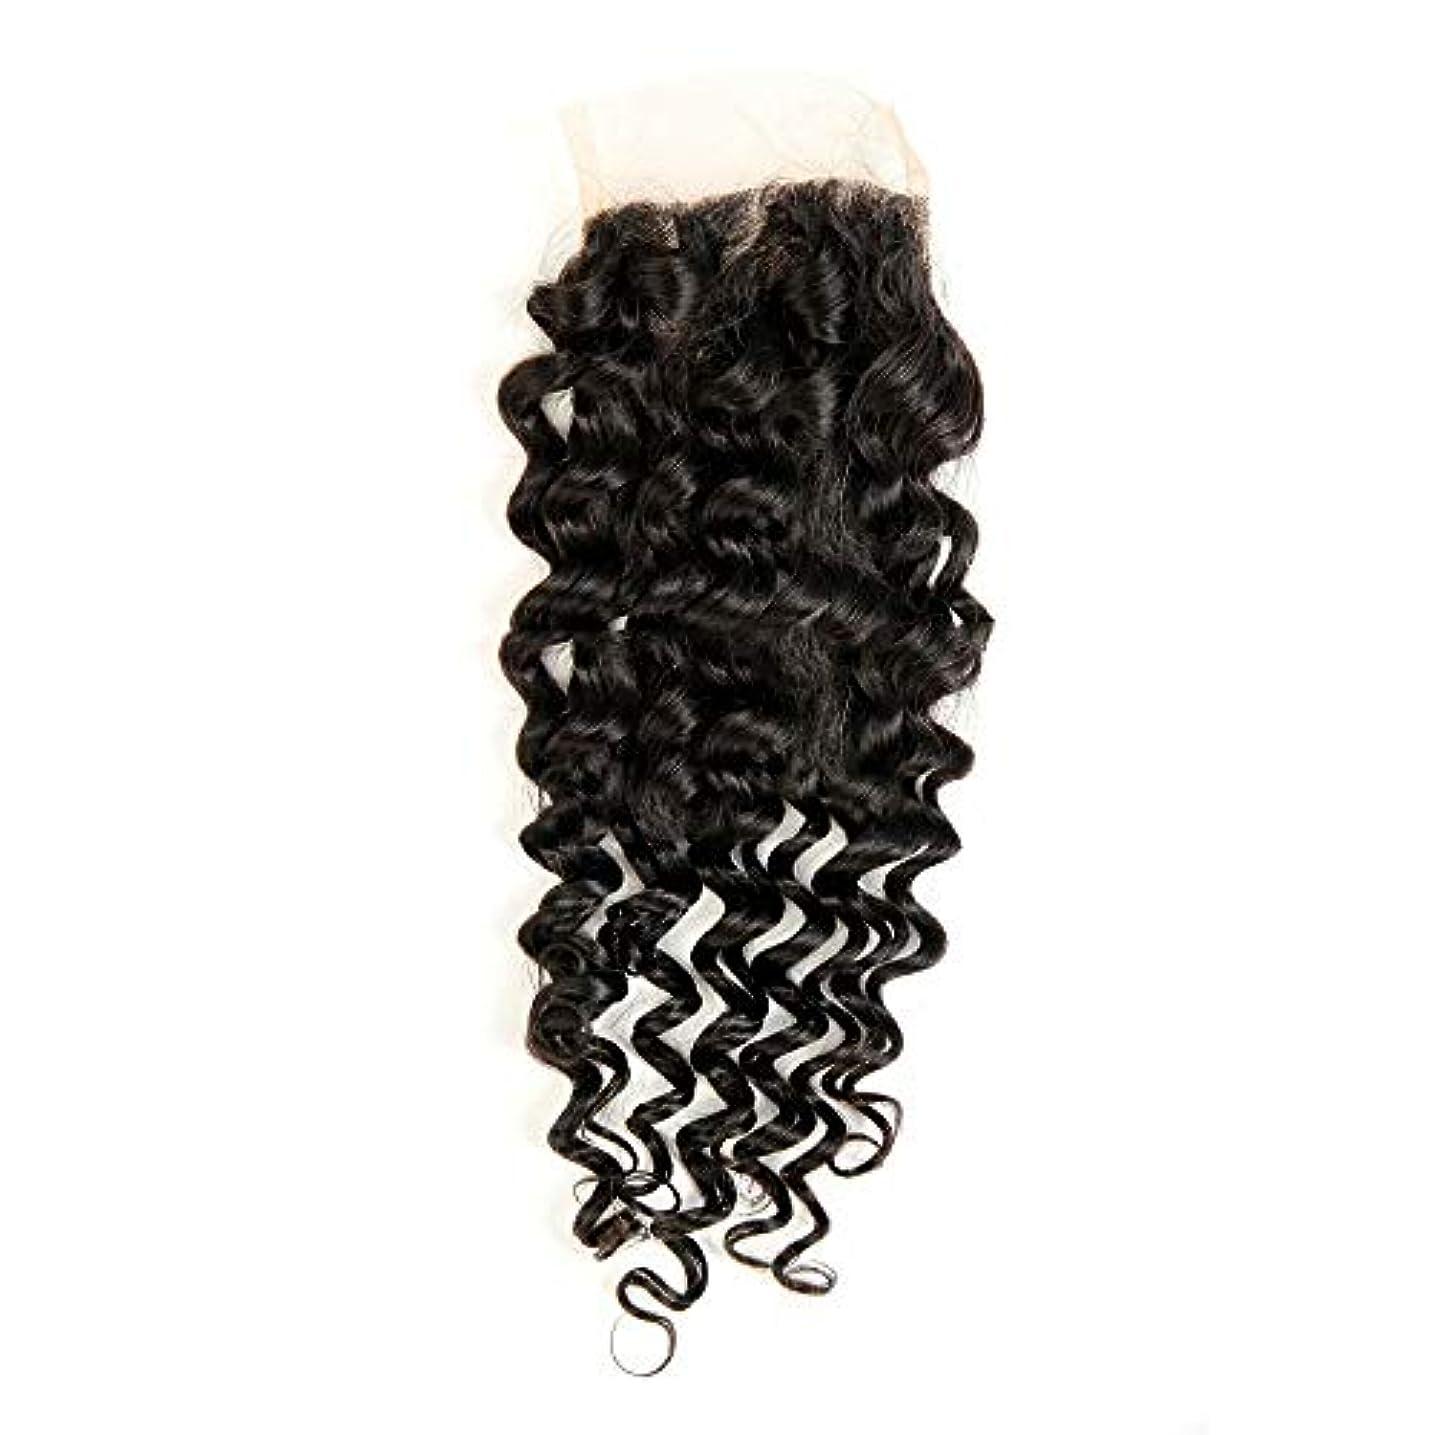 しつけこだわりつかむWASAIO 4×4インチディープウェーブレース閉鎖ブラジルバージンレミー人間の髪の毛の閉鎖ナチュラルカラーウィッグ (サイズ : 18 inch)